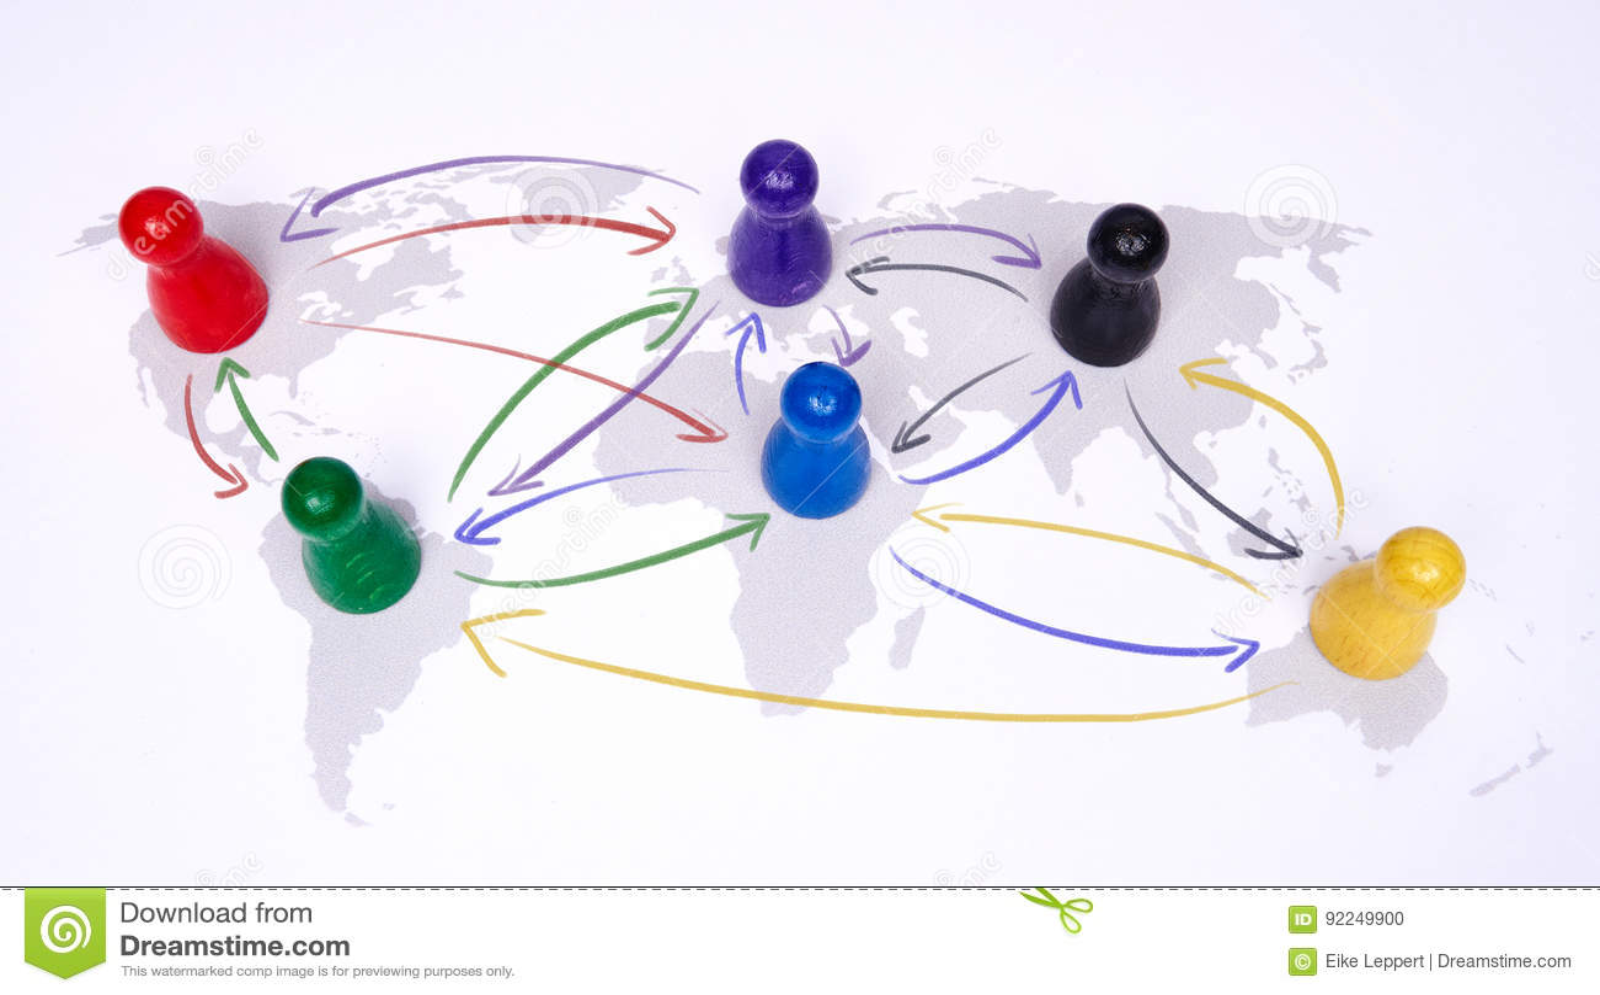 Concept voor globalisering, globale zaken, reis of globale verbinding Kleurrijke cijfers met het verbinden van pijlen